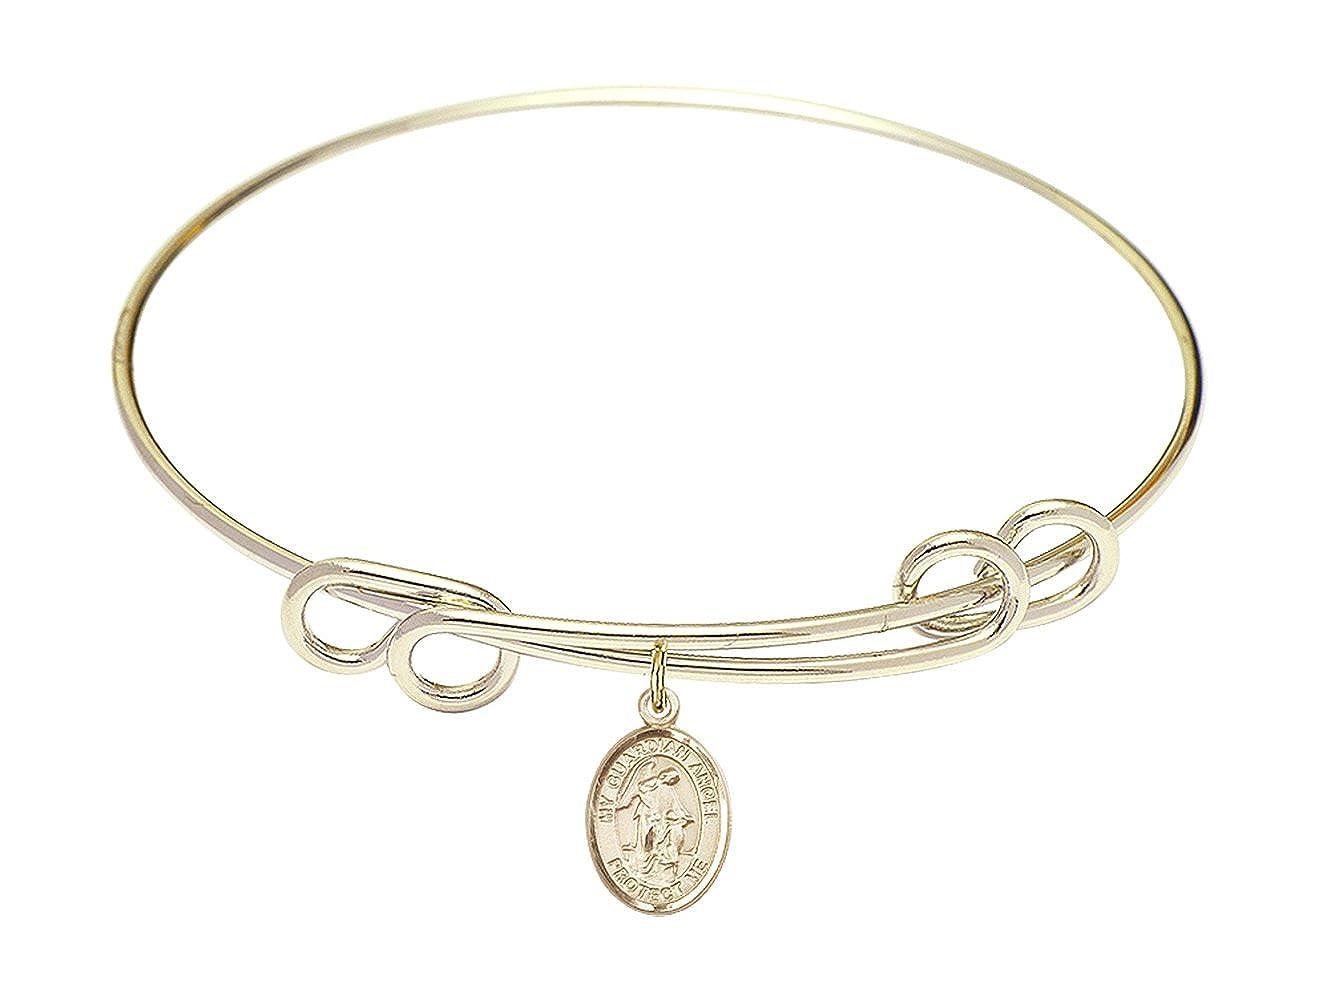 DiamondJewelryNY Double Loop Bangle Bracelet with a Guardian Angel w//Child Charm.